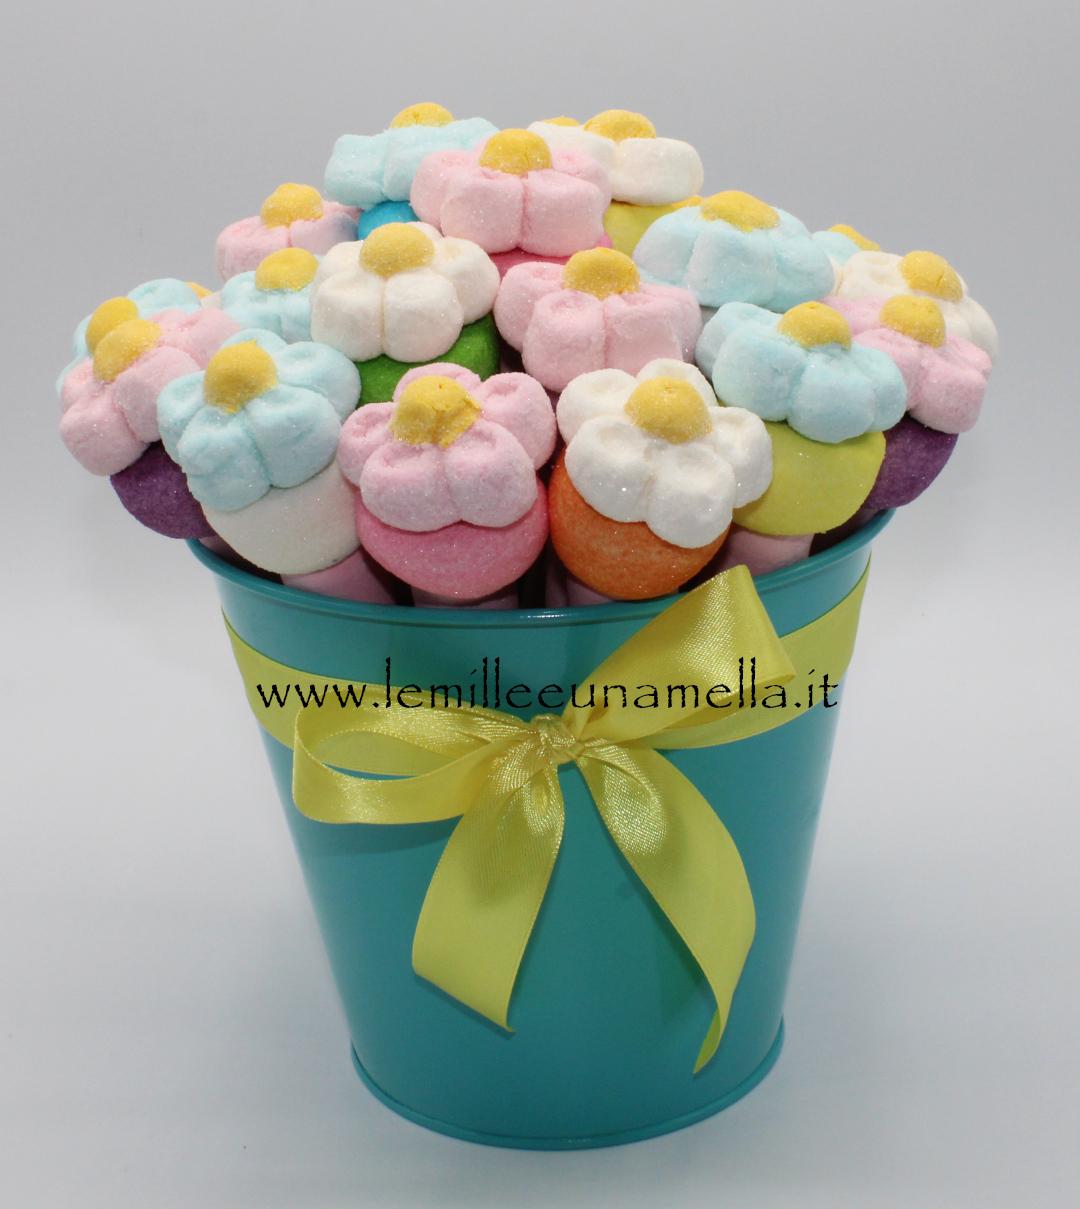 bouquet vaso marshmallow margherite fiori spiedini vendita online Le Mille e una Mella